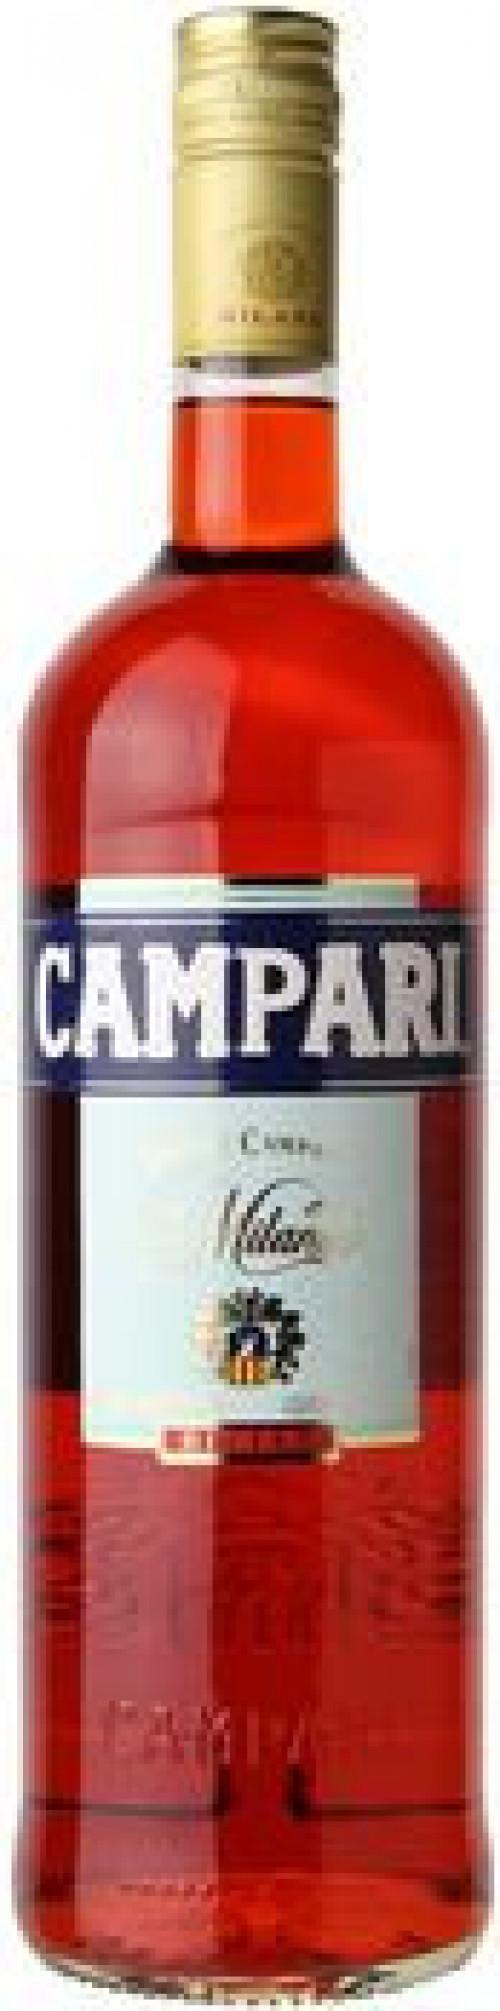 Campari Liqueur 750ml